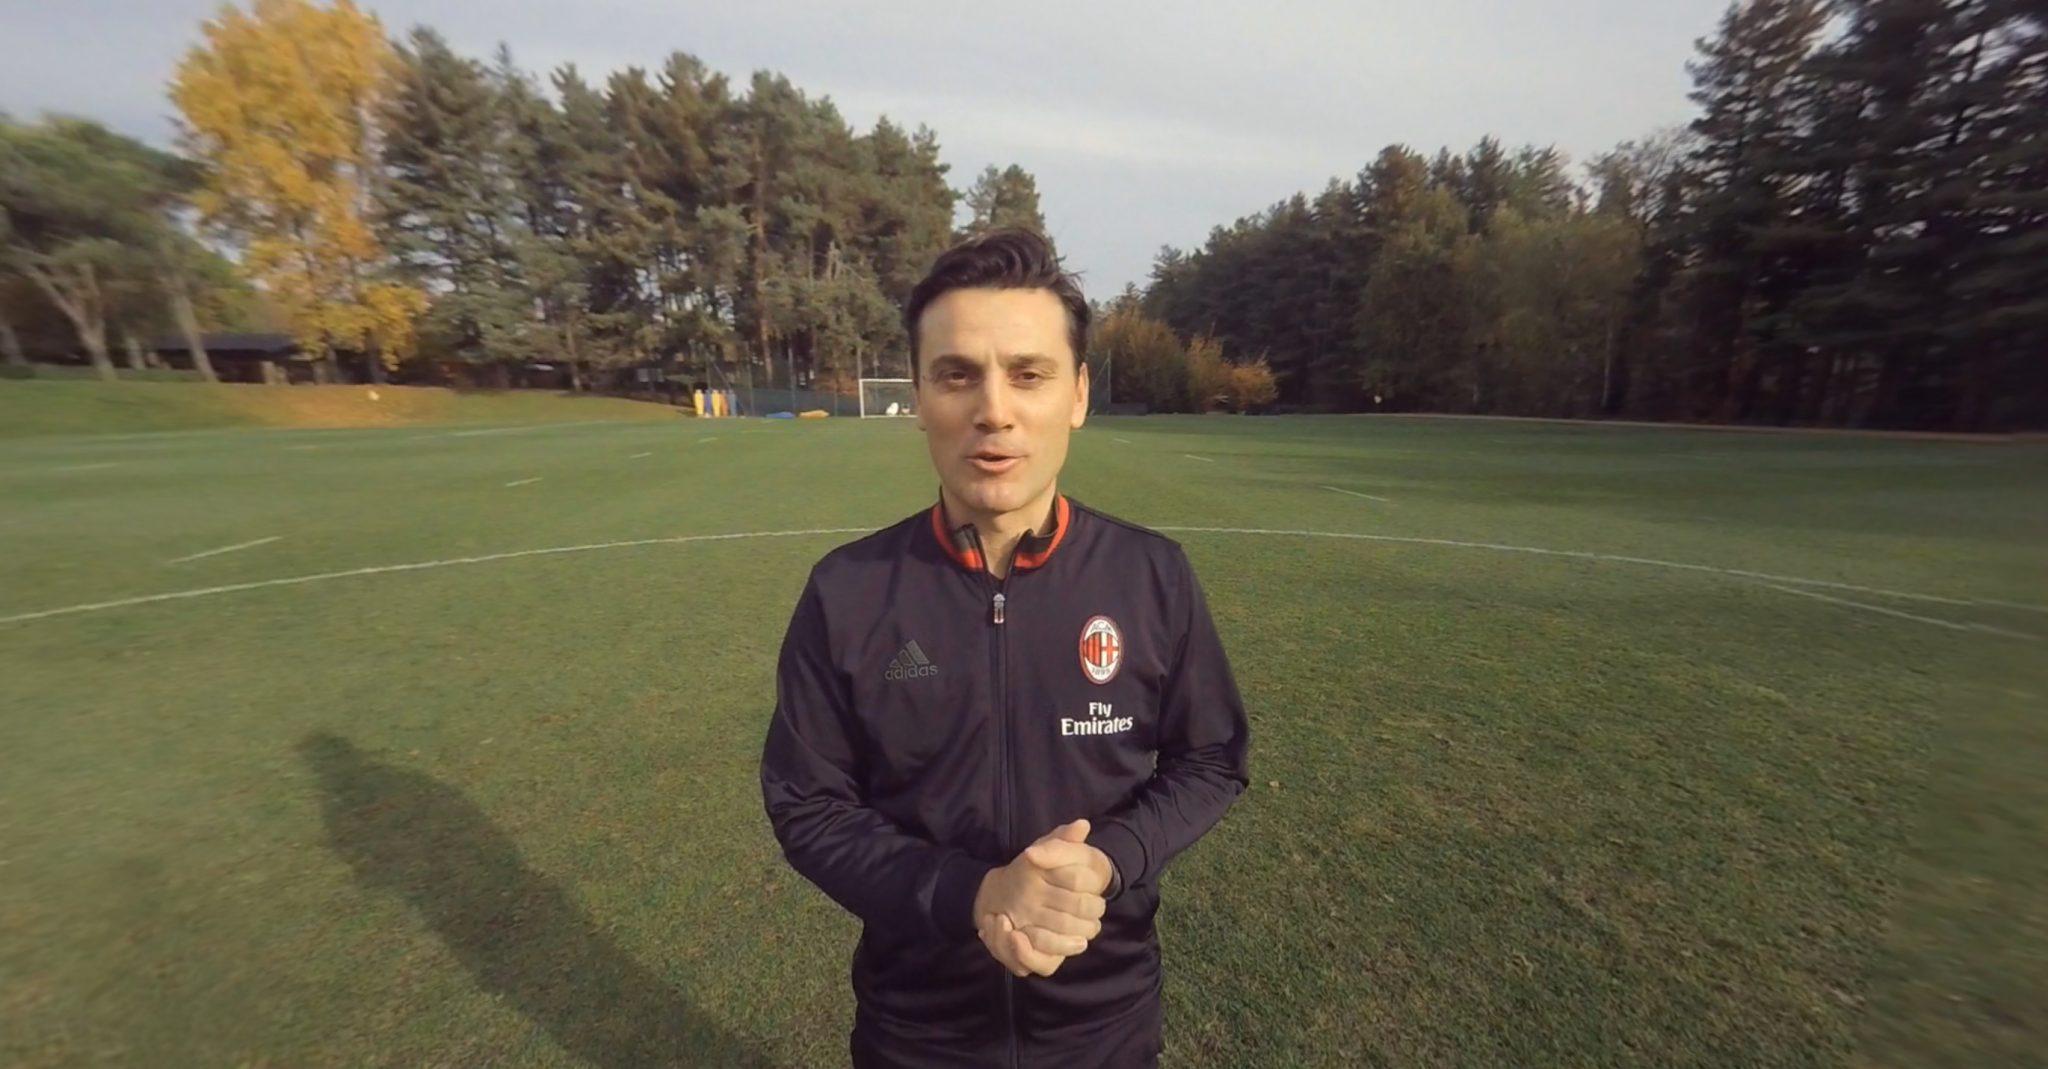 Milan Video VR